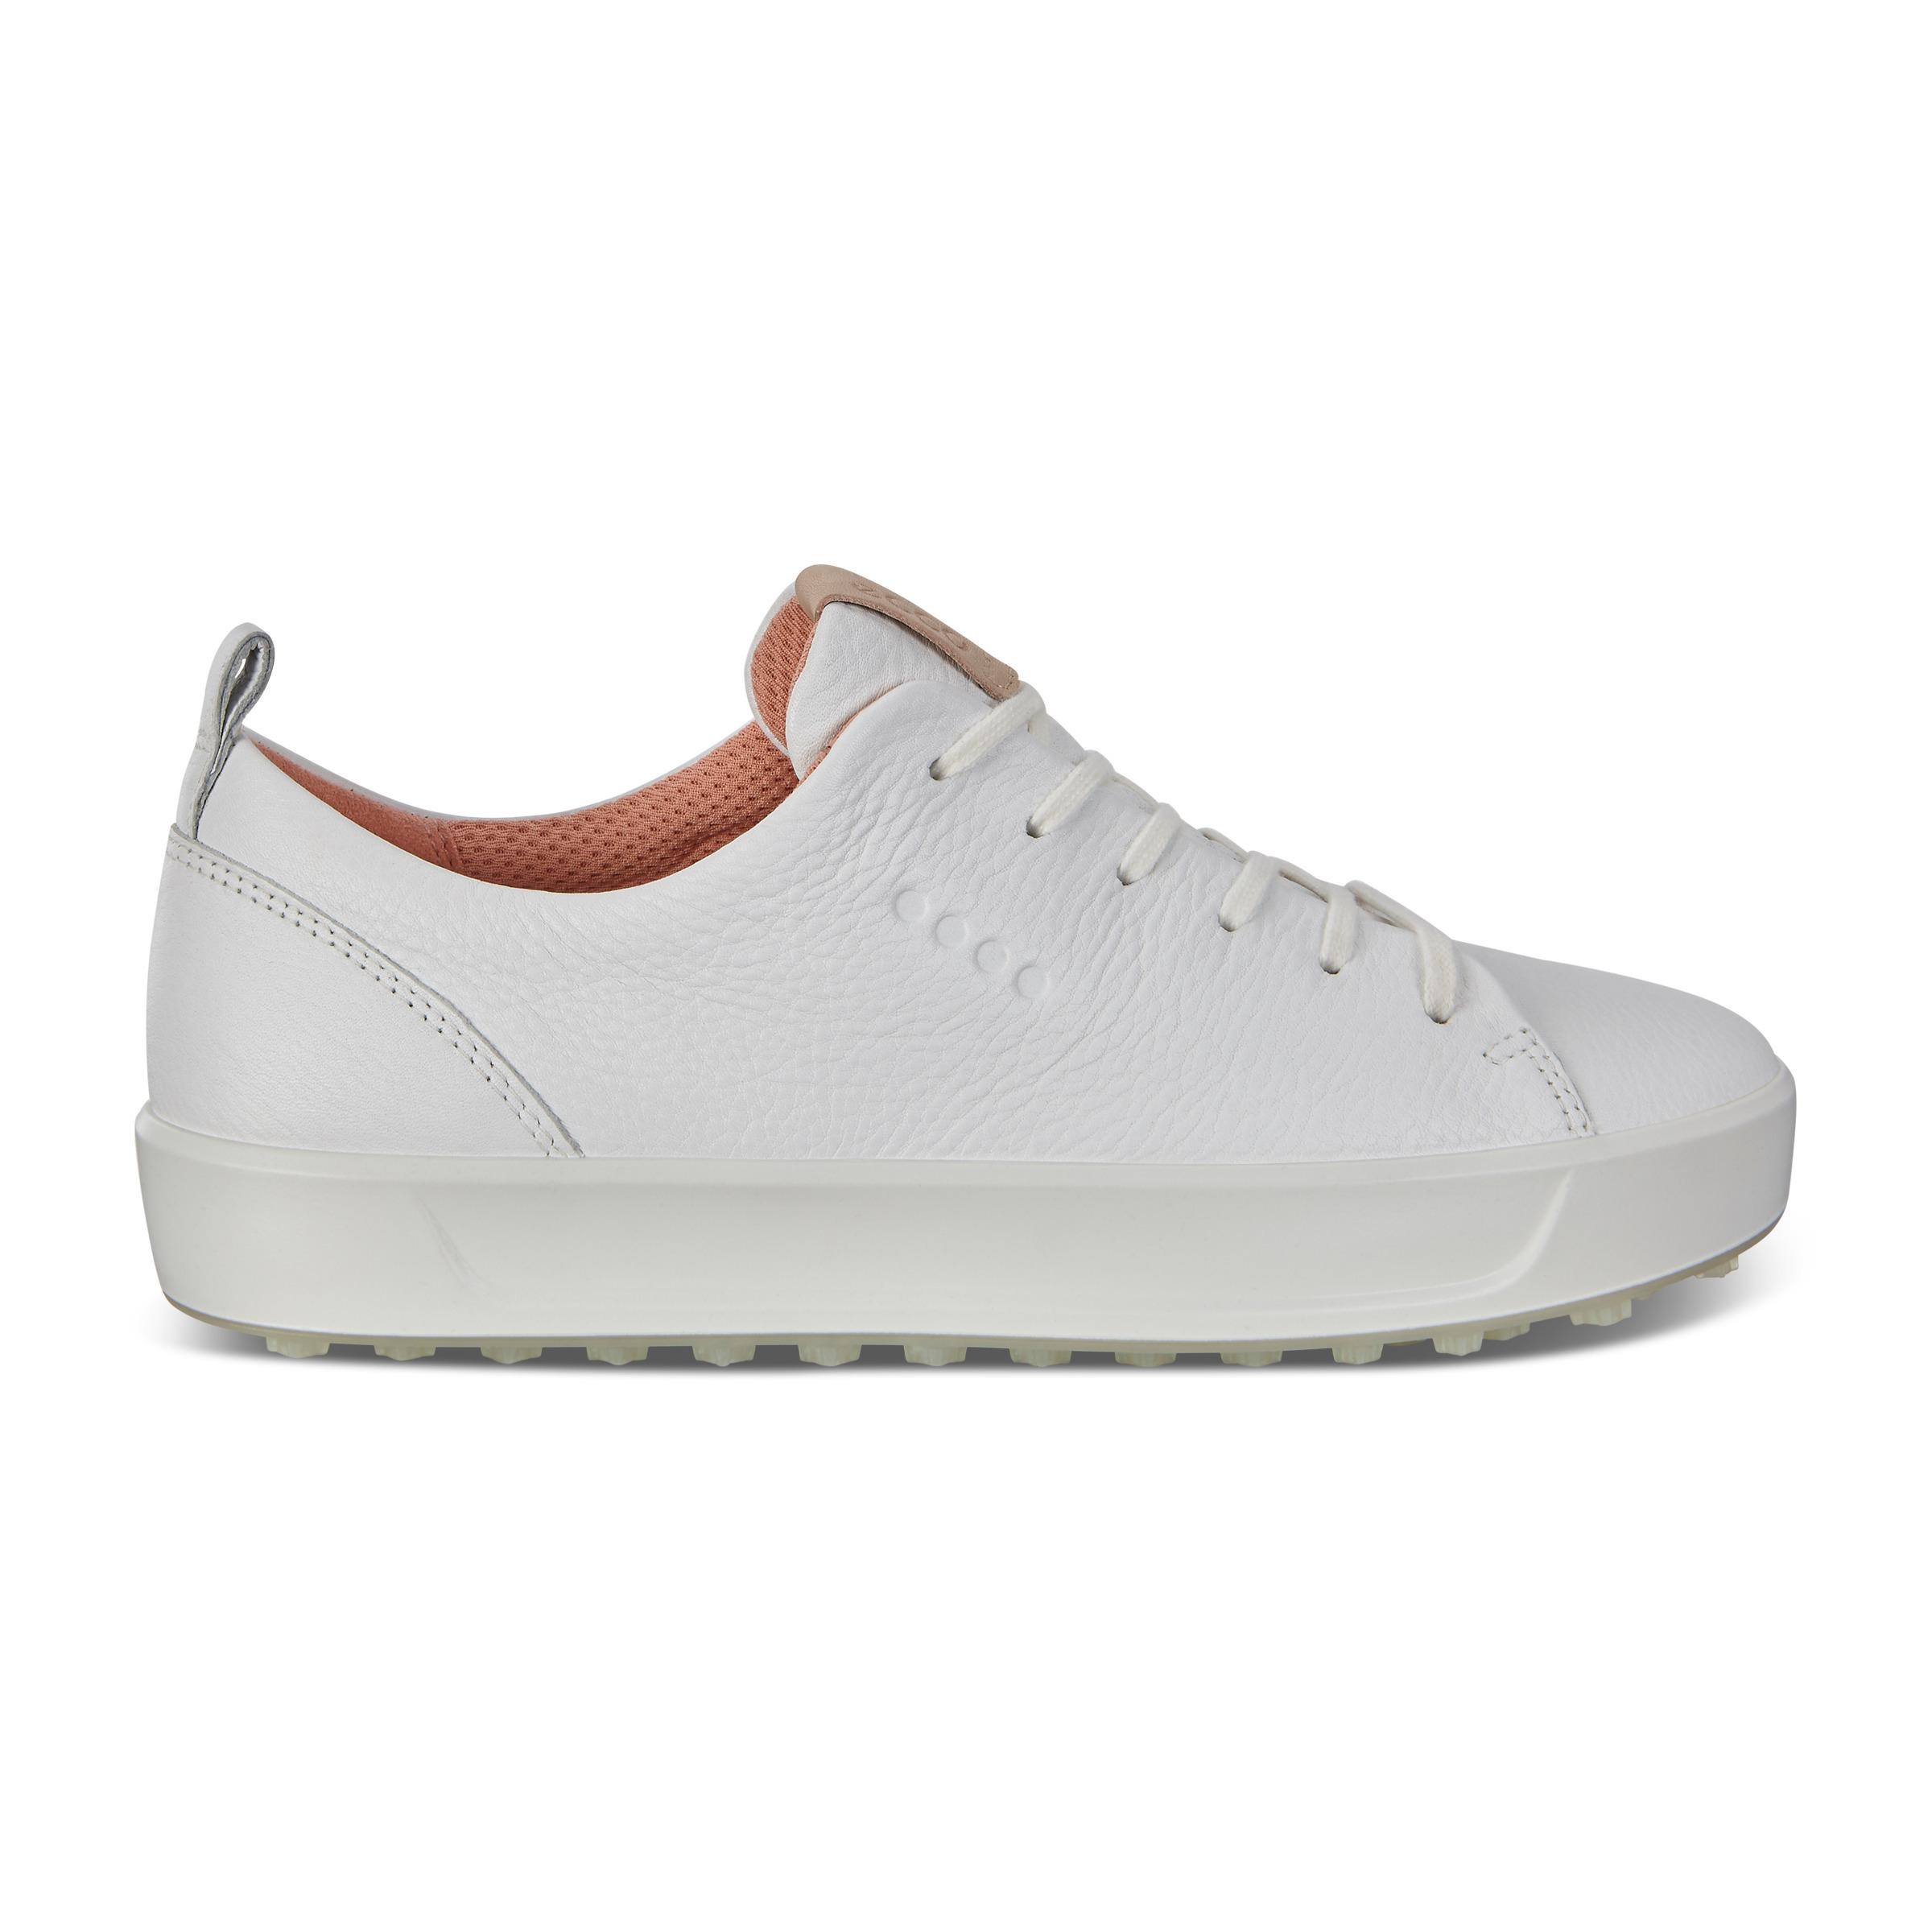 Offiziell ECCO Golf Damen Golfschuhe